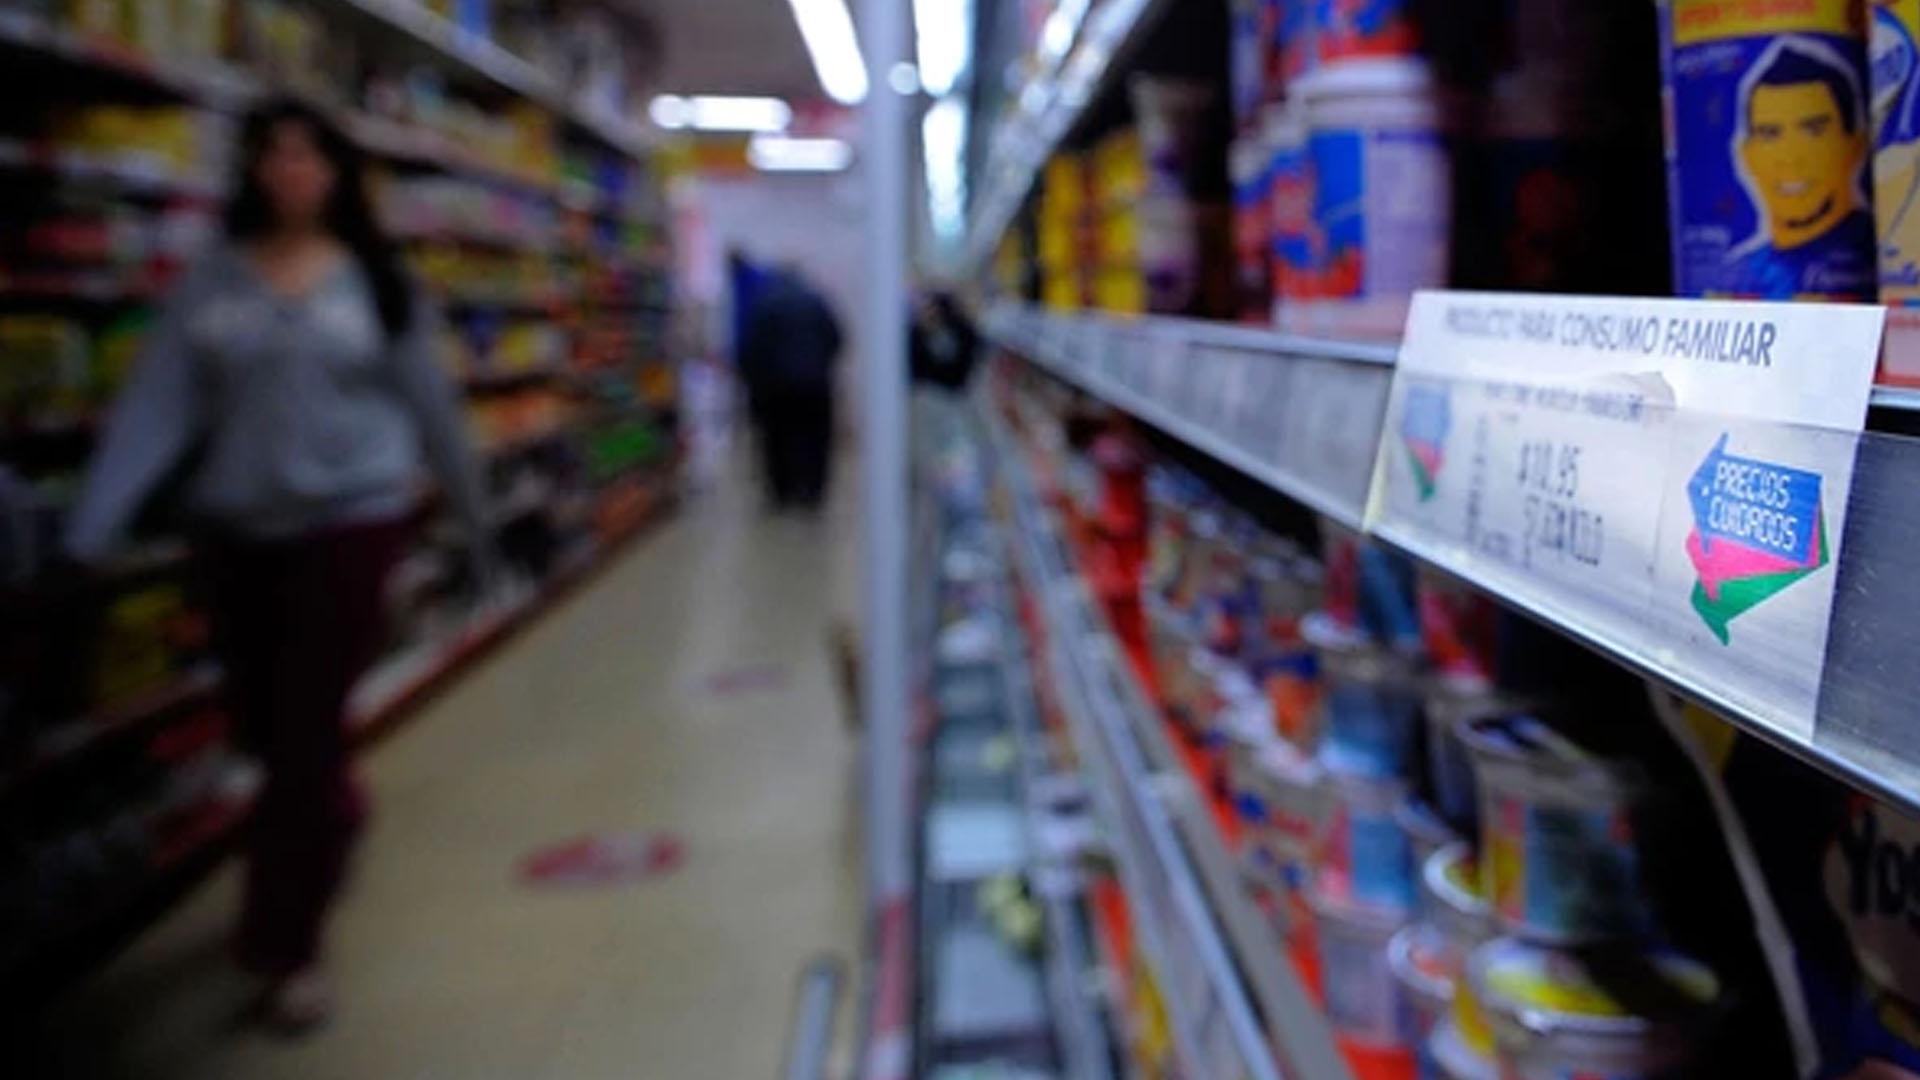 """Los 60 productos dentro de """"Precios cuidados"""" tendrán precio fijo por 6 meses"""